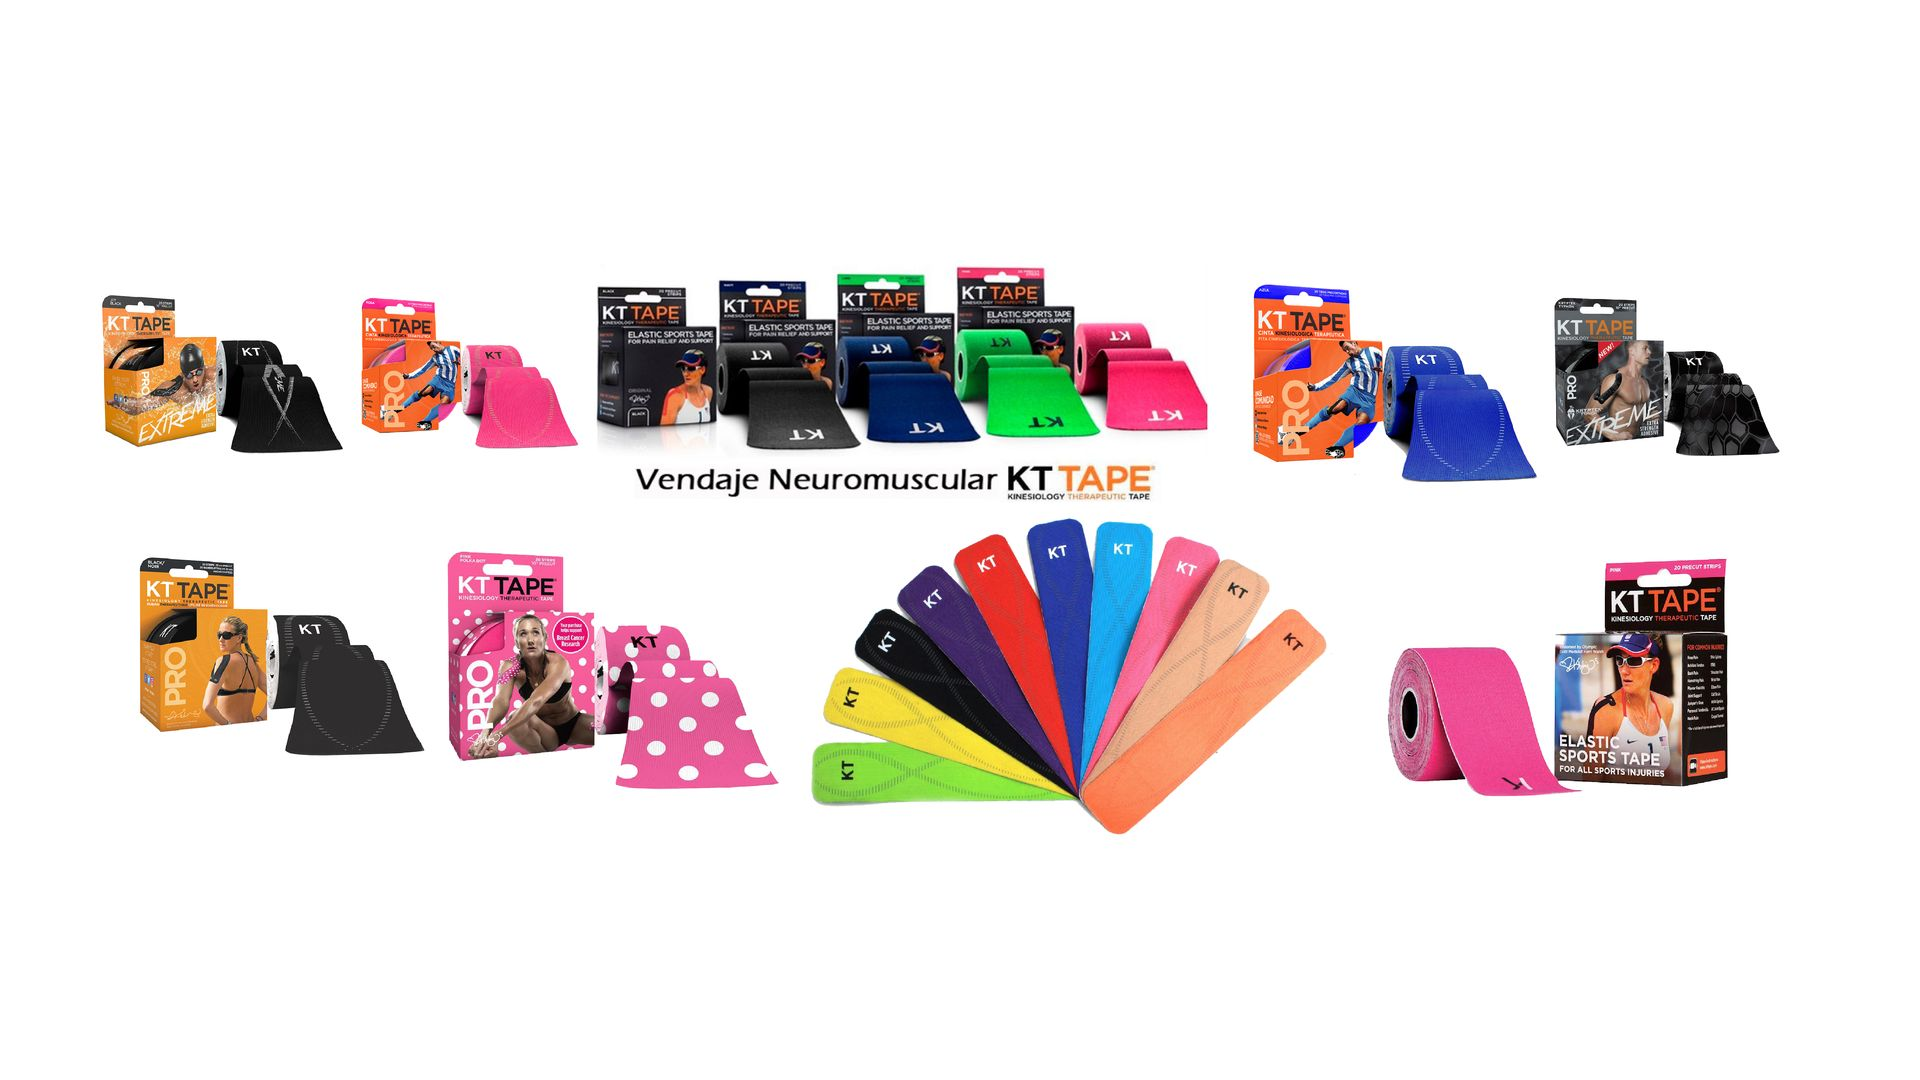 vendajes kt tape tienda online de productos para fisioterapeutas